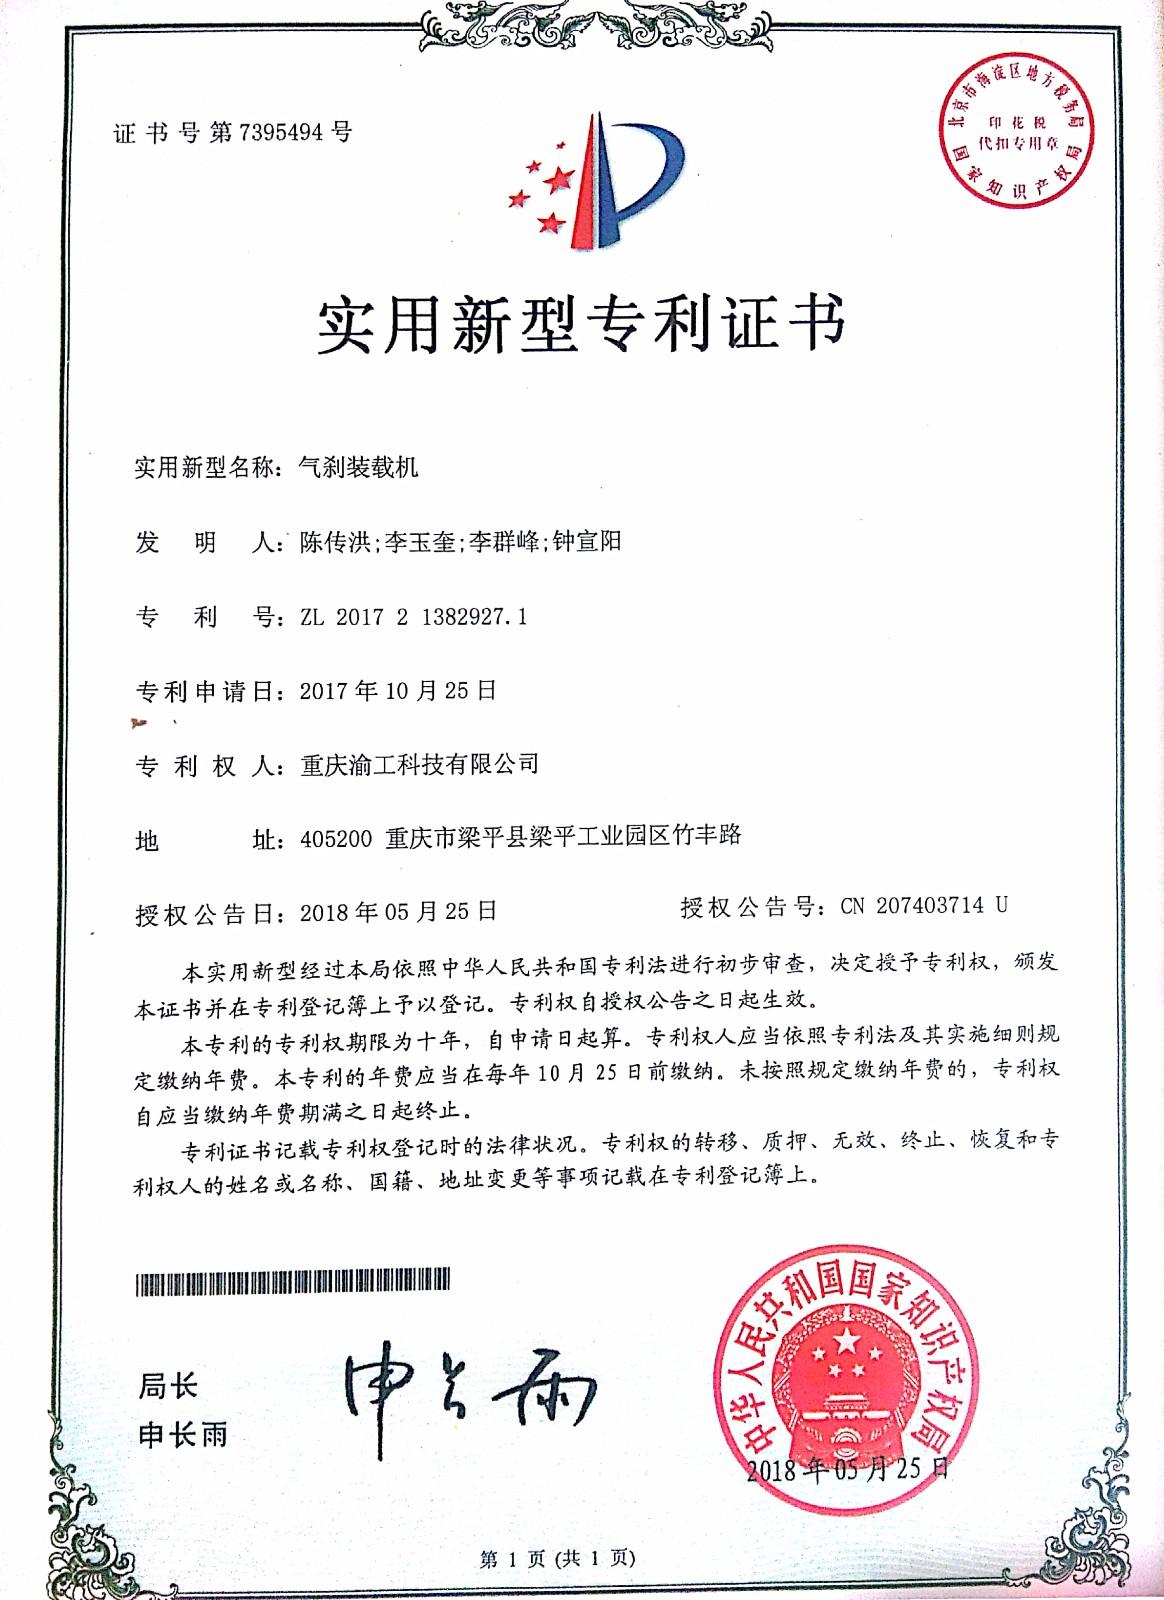 公司资质|单页-重庆渝工科技有限公司